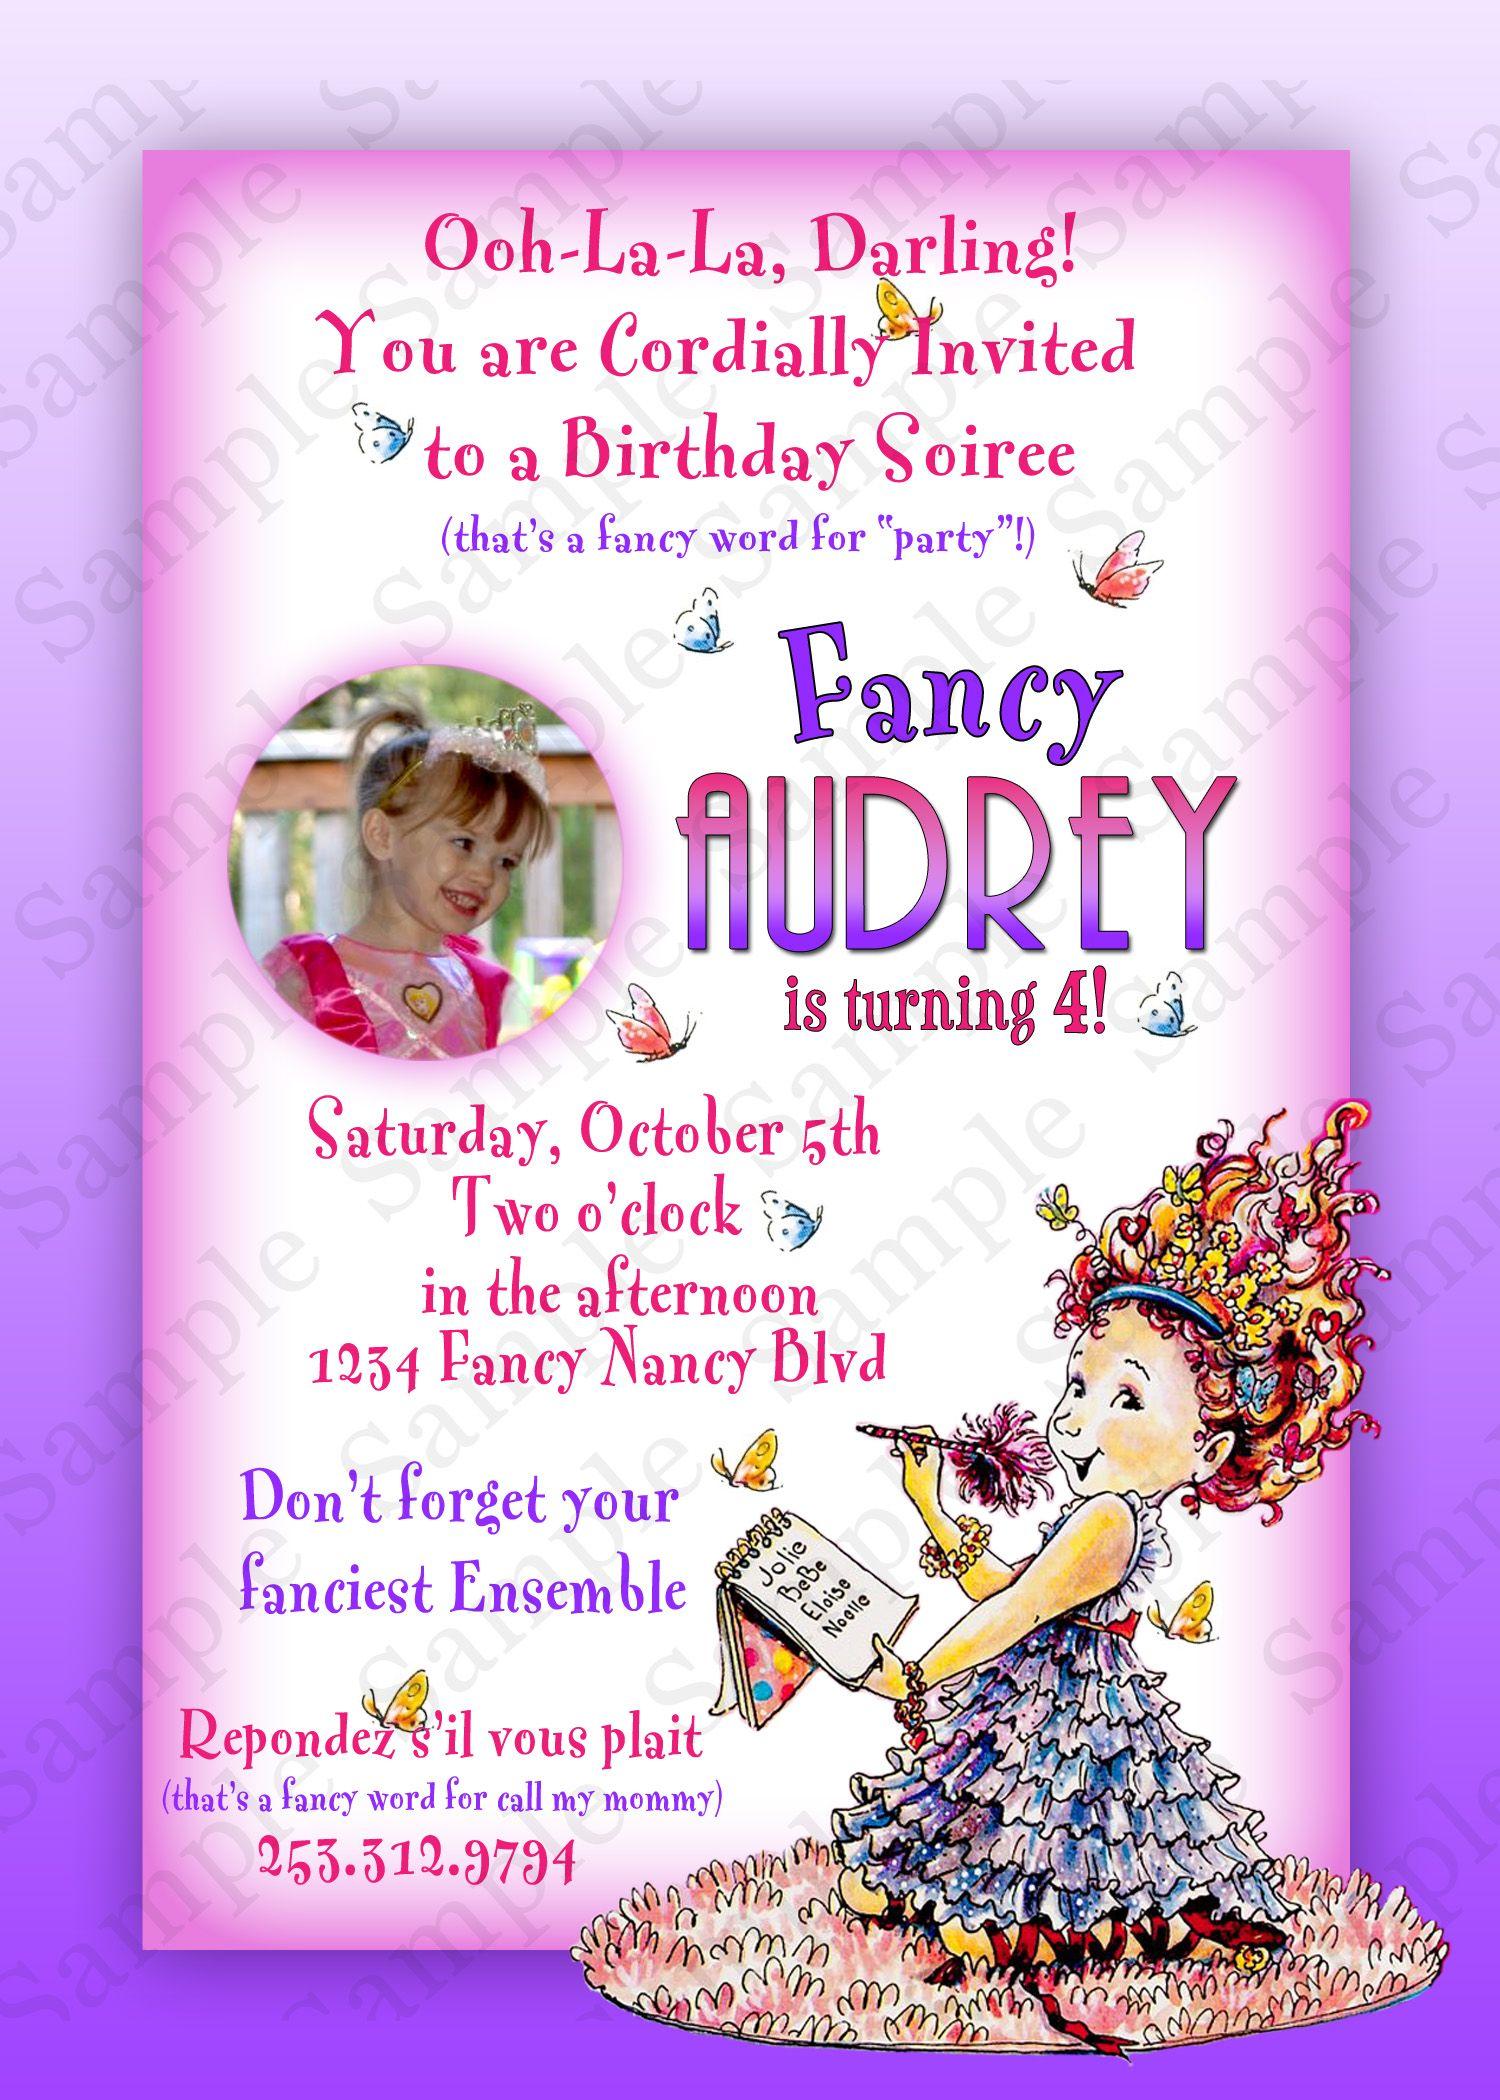 Fancy Nancy Birthday Invitation birthday party ideas